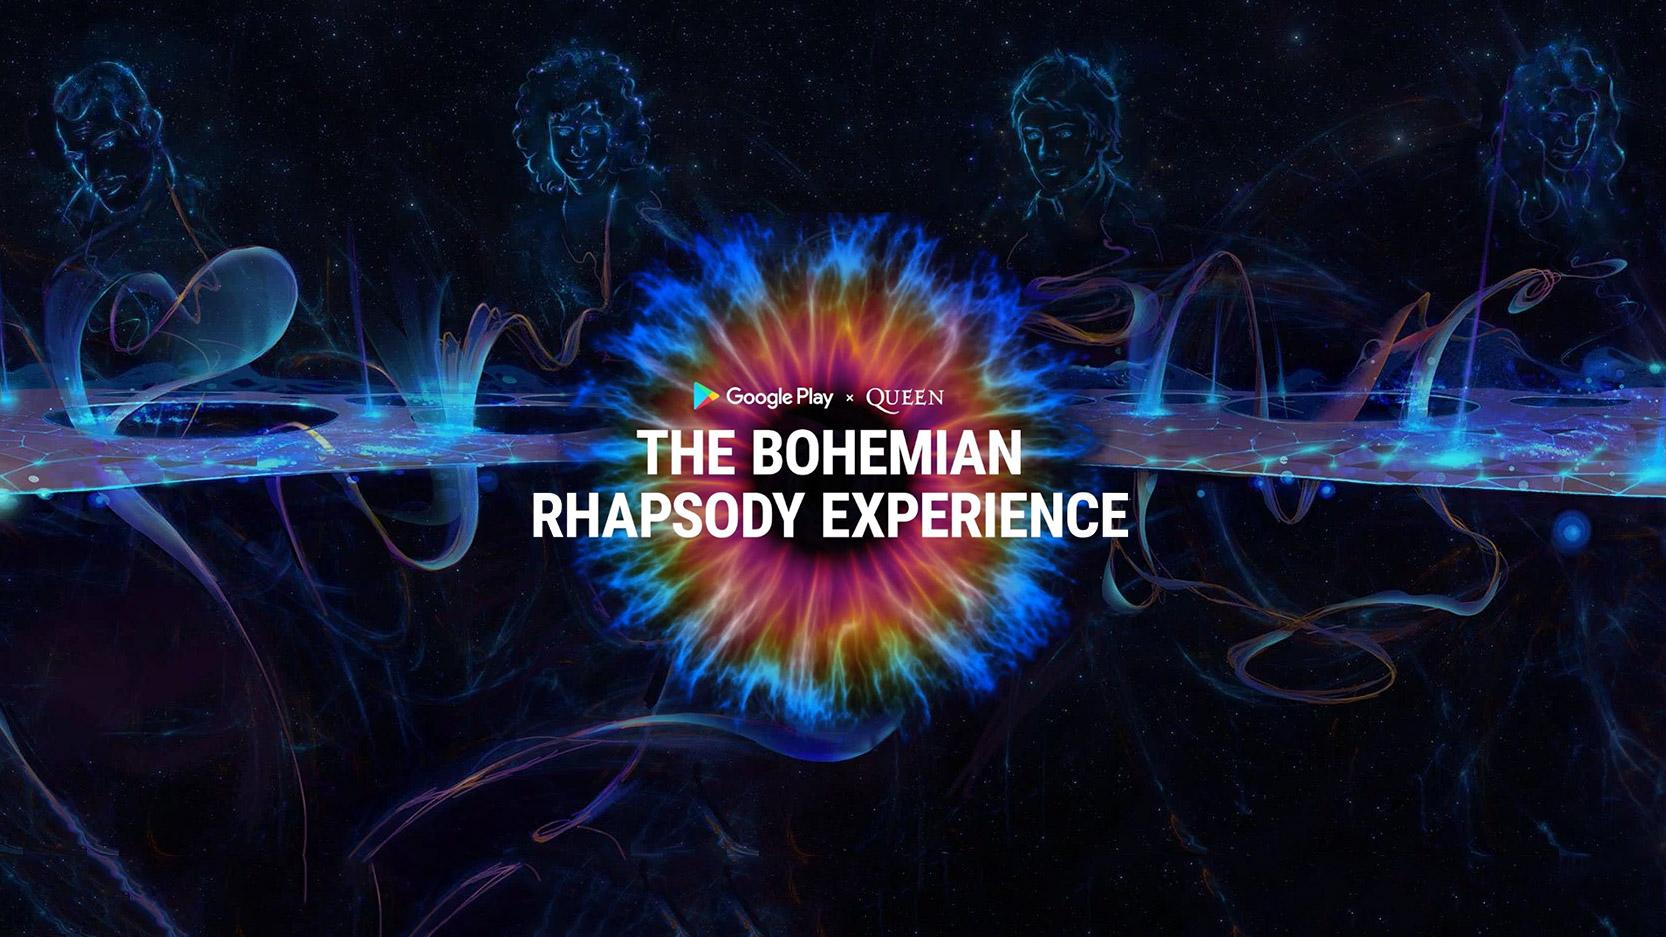 参与皇后乐队的《波西米亚狂想曲》VR体验版开发中的三点经验教训(二)